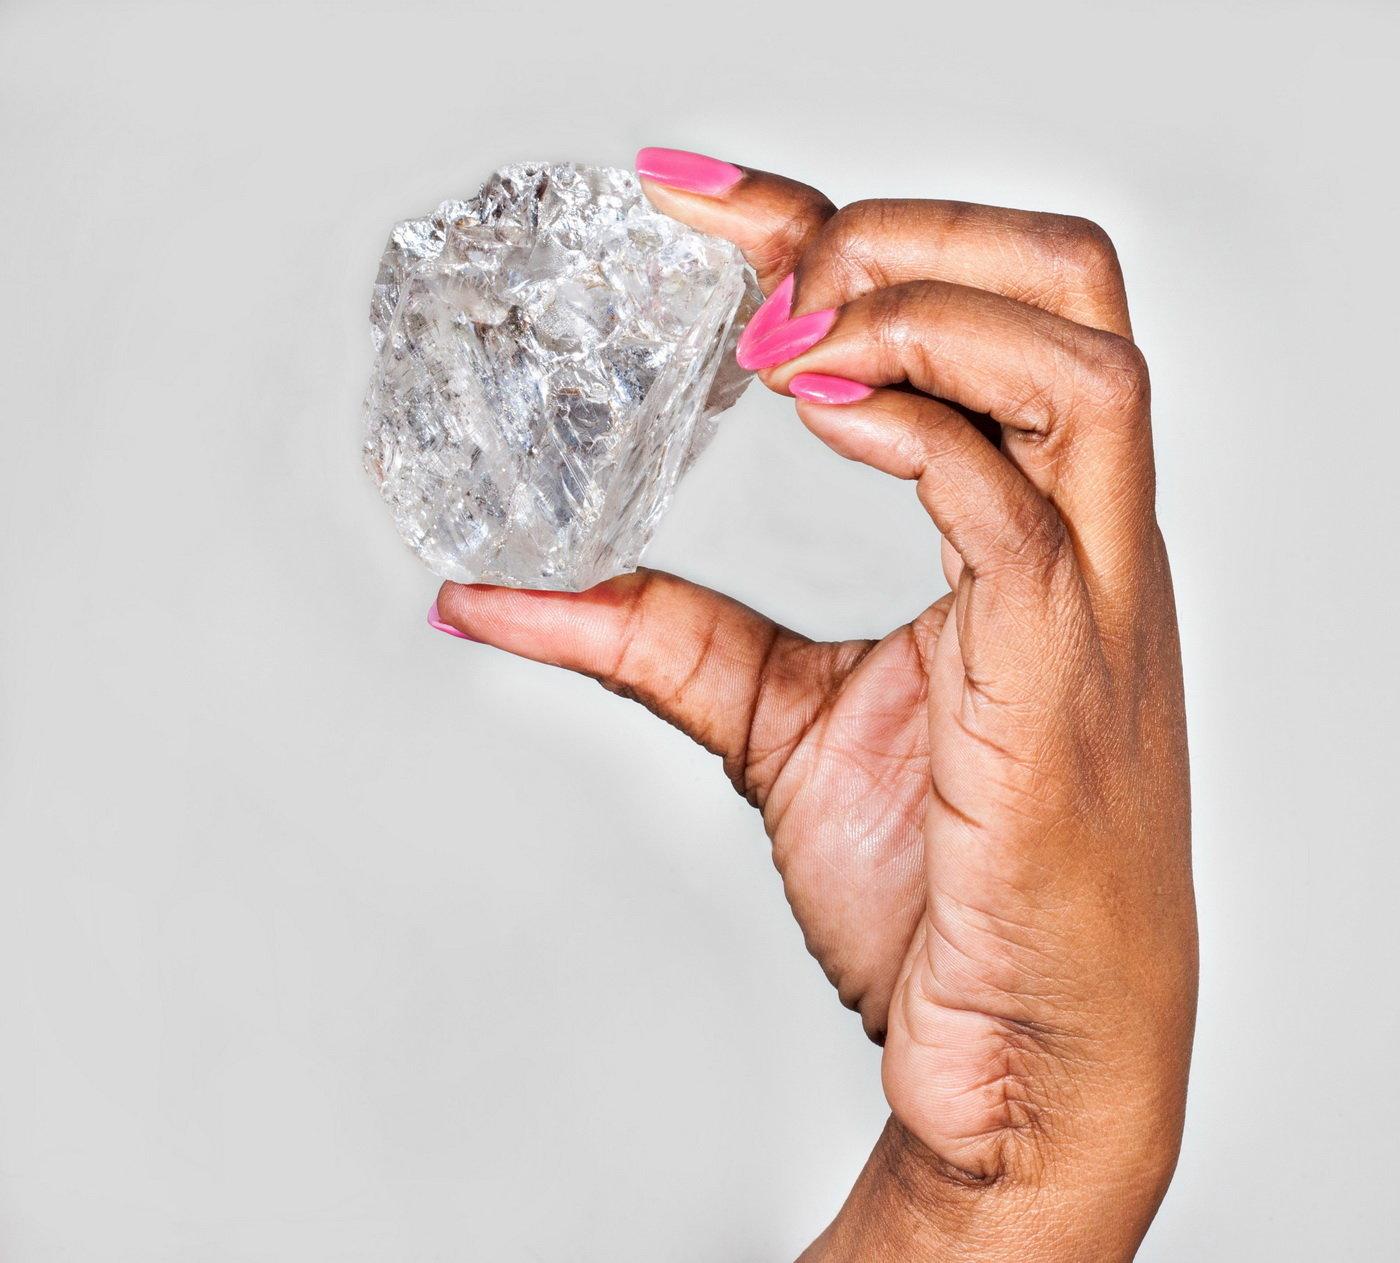 Naprostý unikát  Největší nezpracovaný diamant na světě jde do dražby  c0bcaffc859